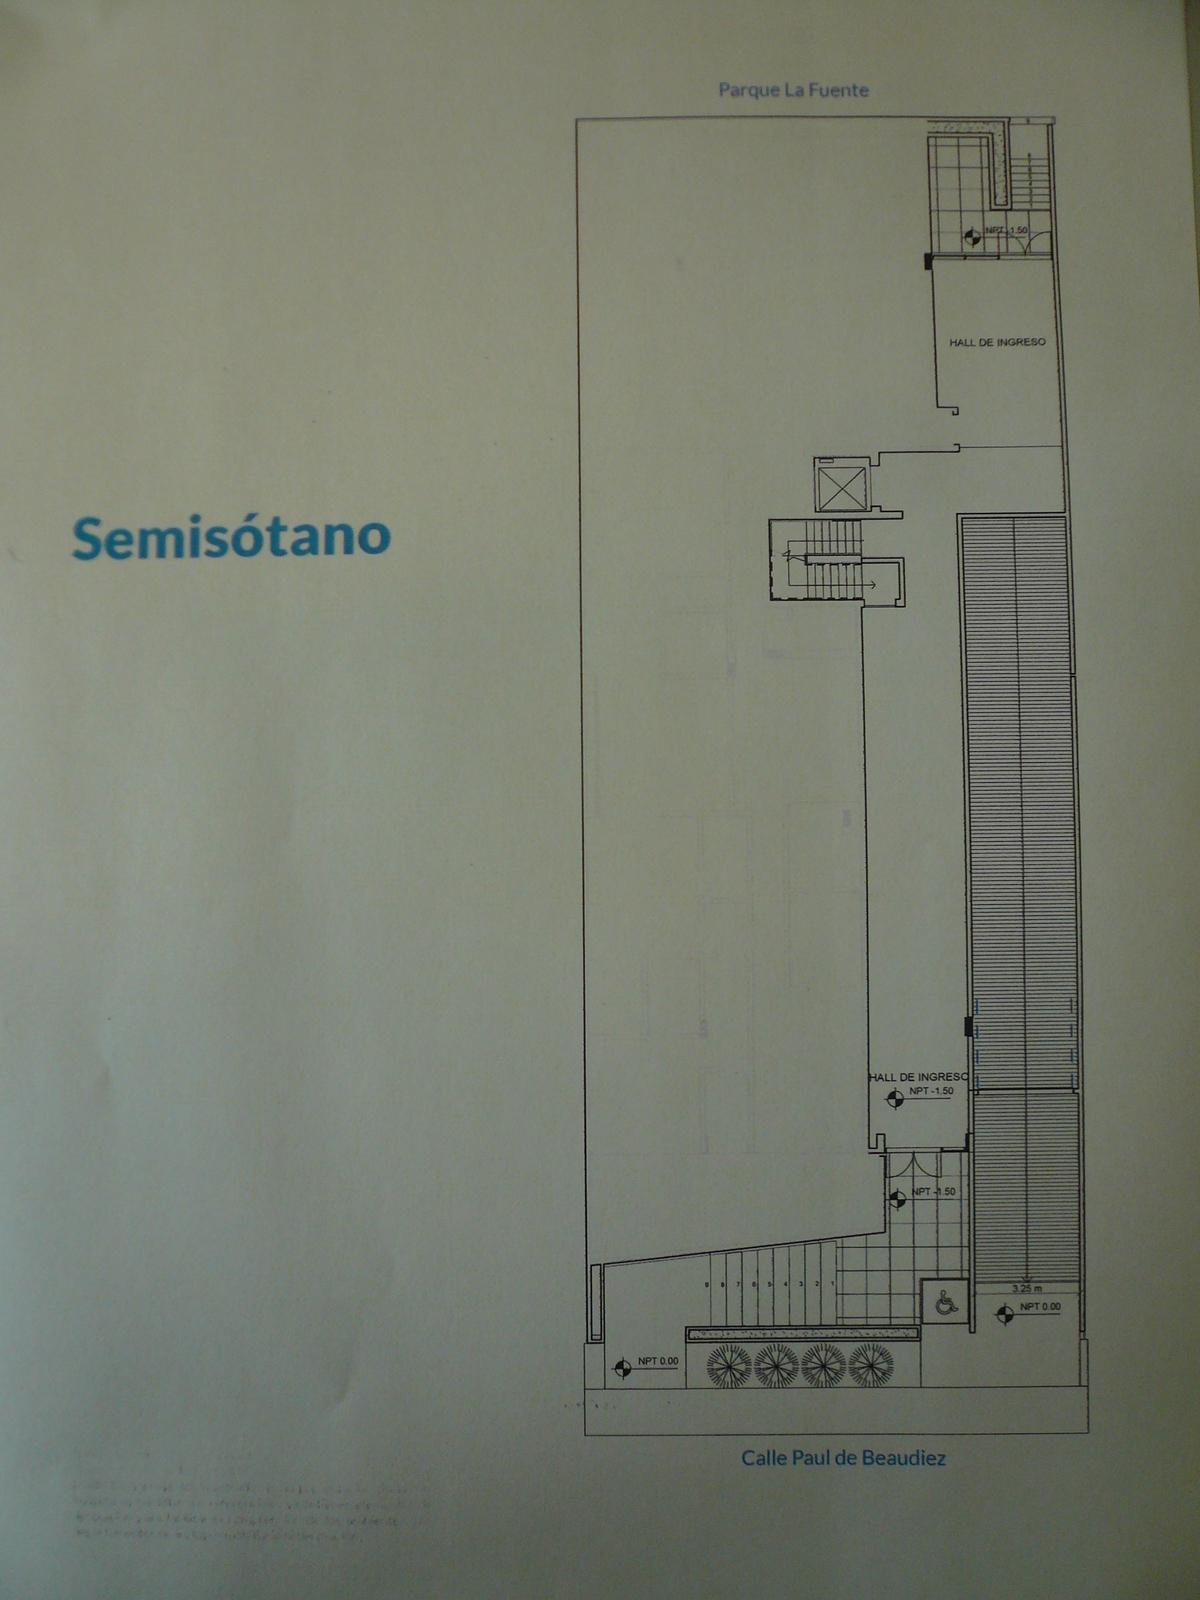 15 de 15: Semisotano